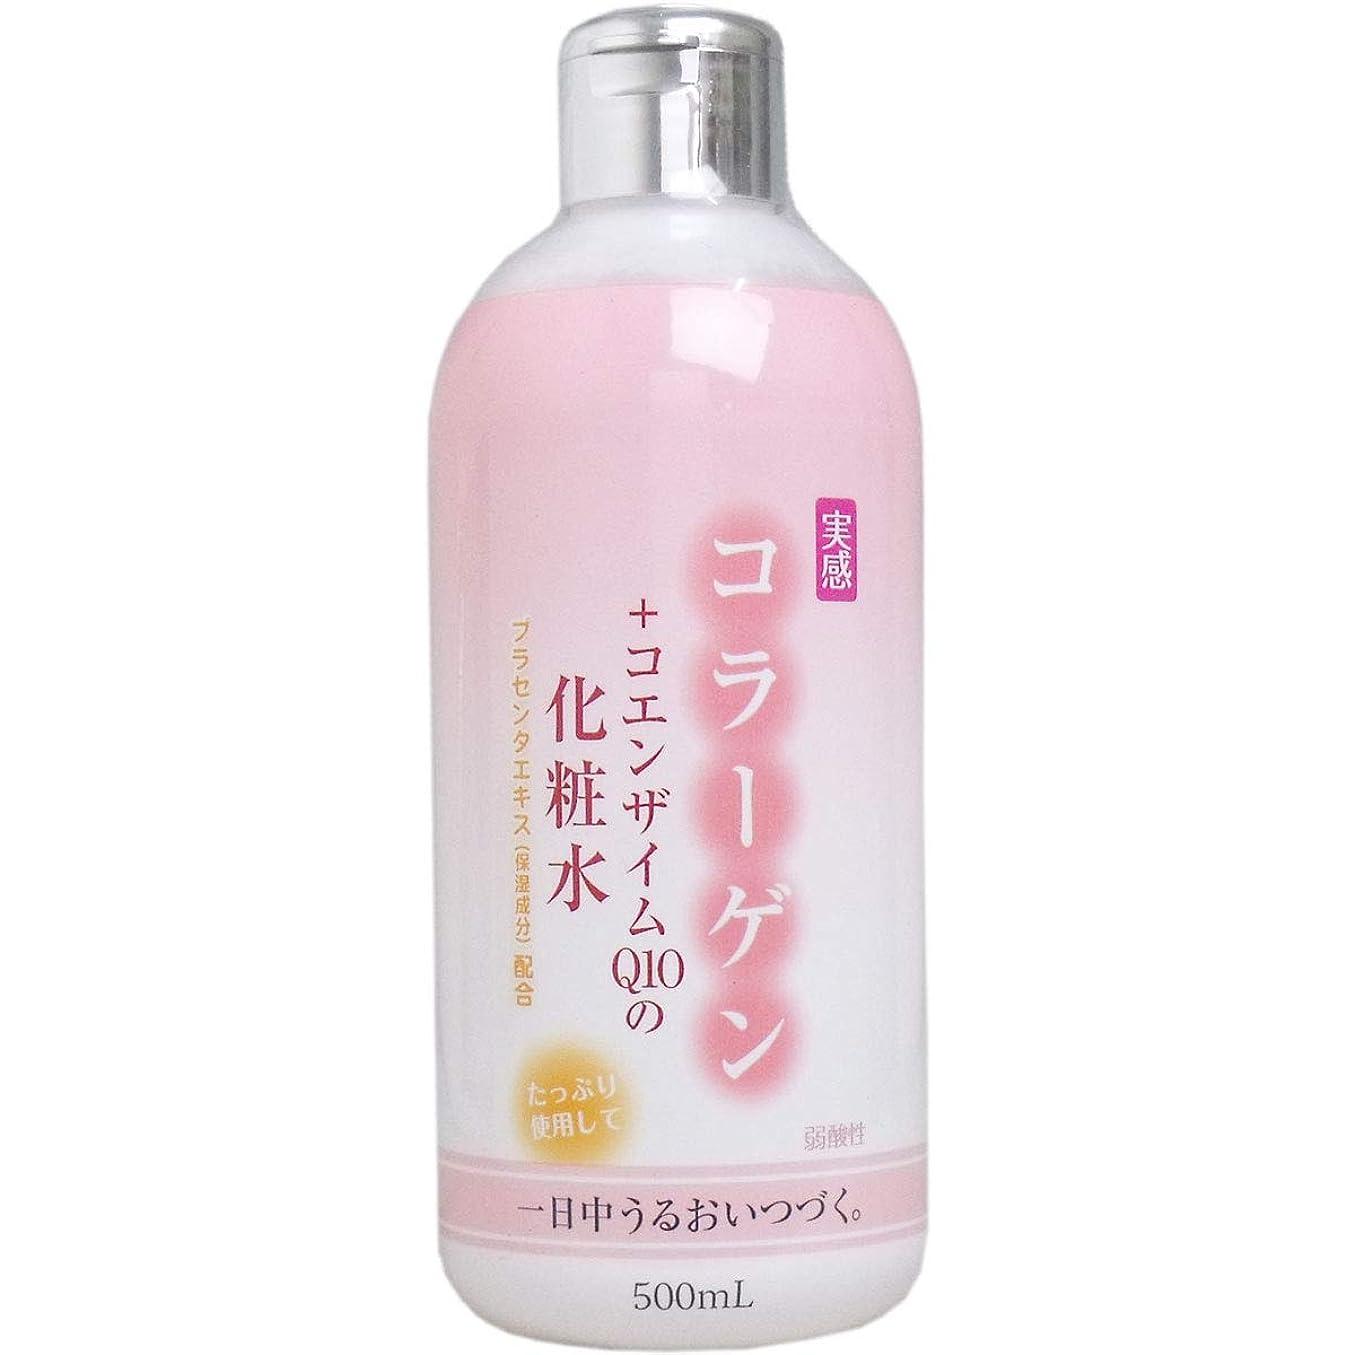 気球甘味広々コラーゲン+コエンザイムQ10 化粧水 500mL